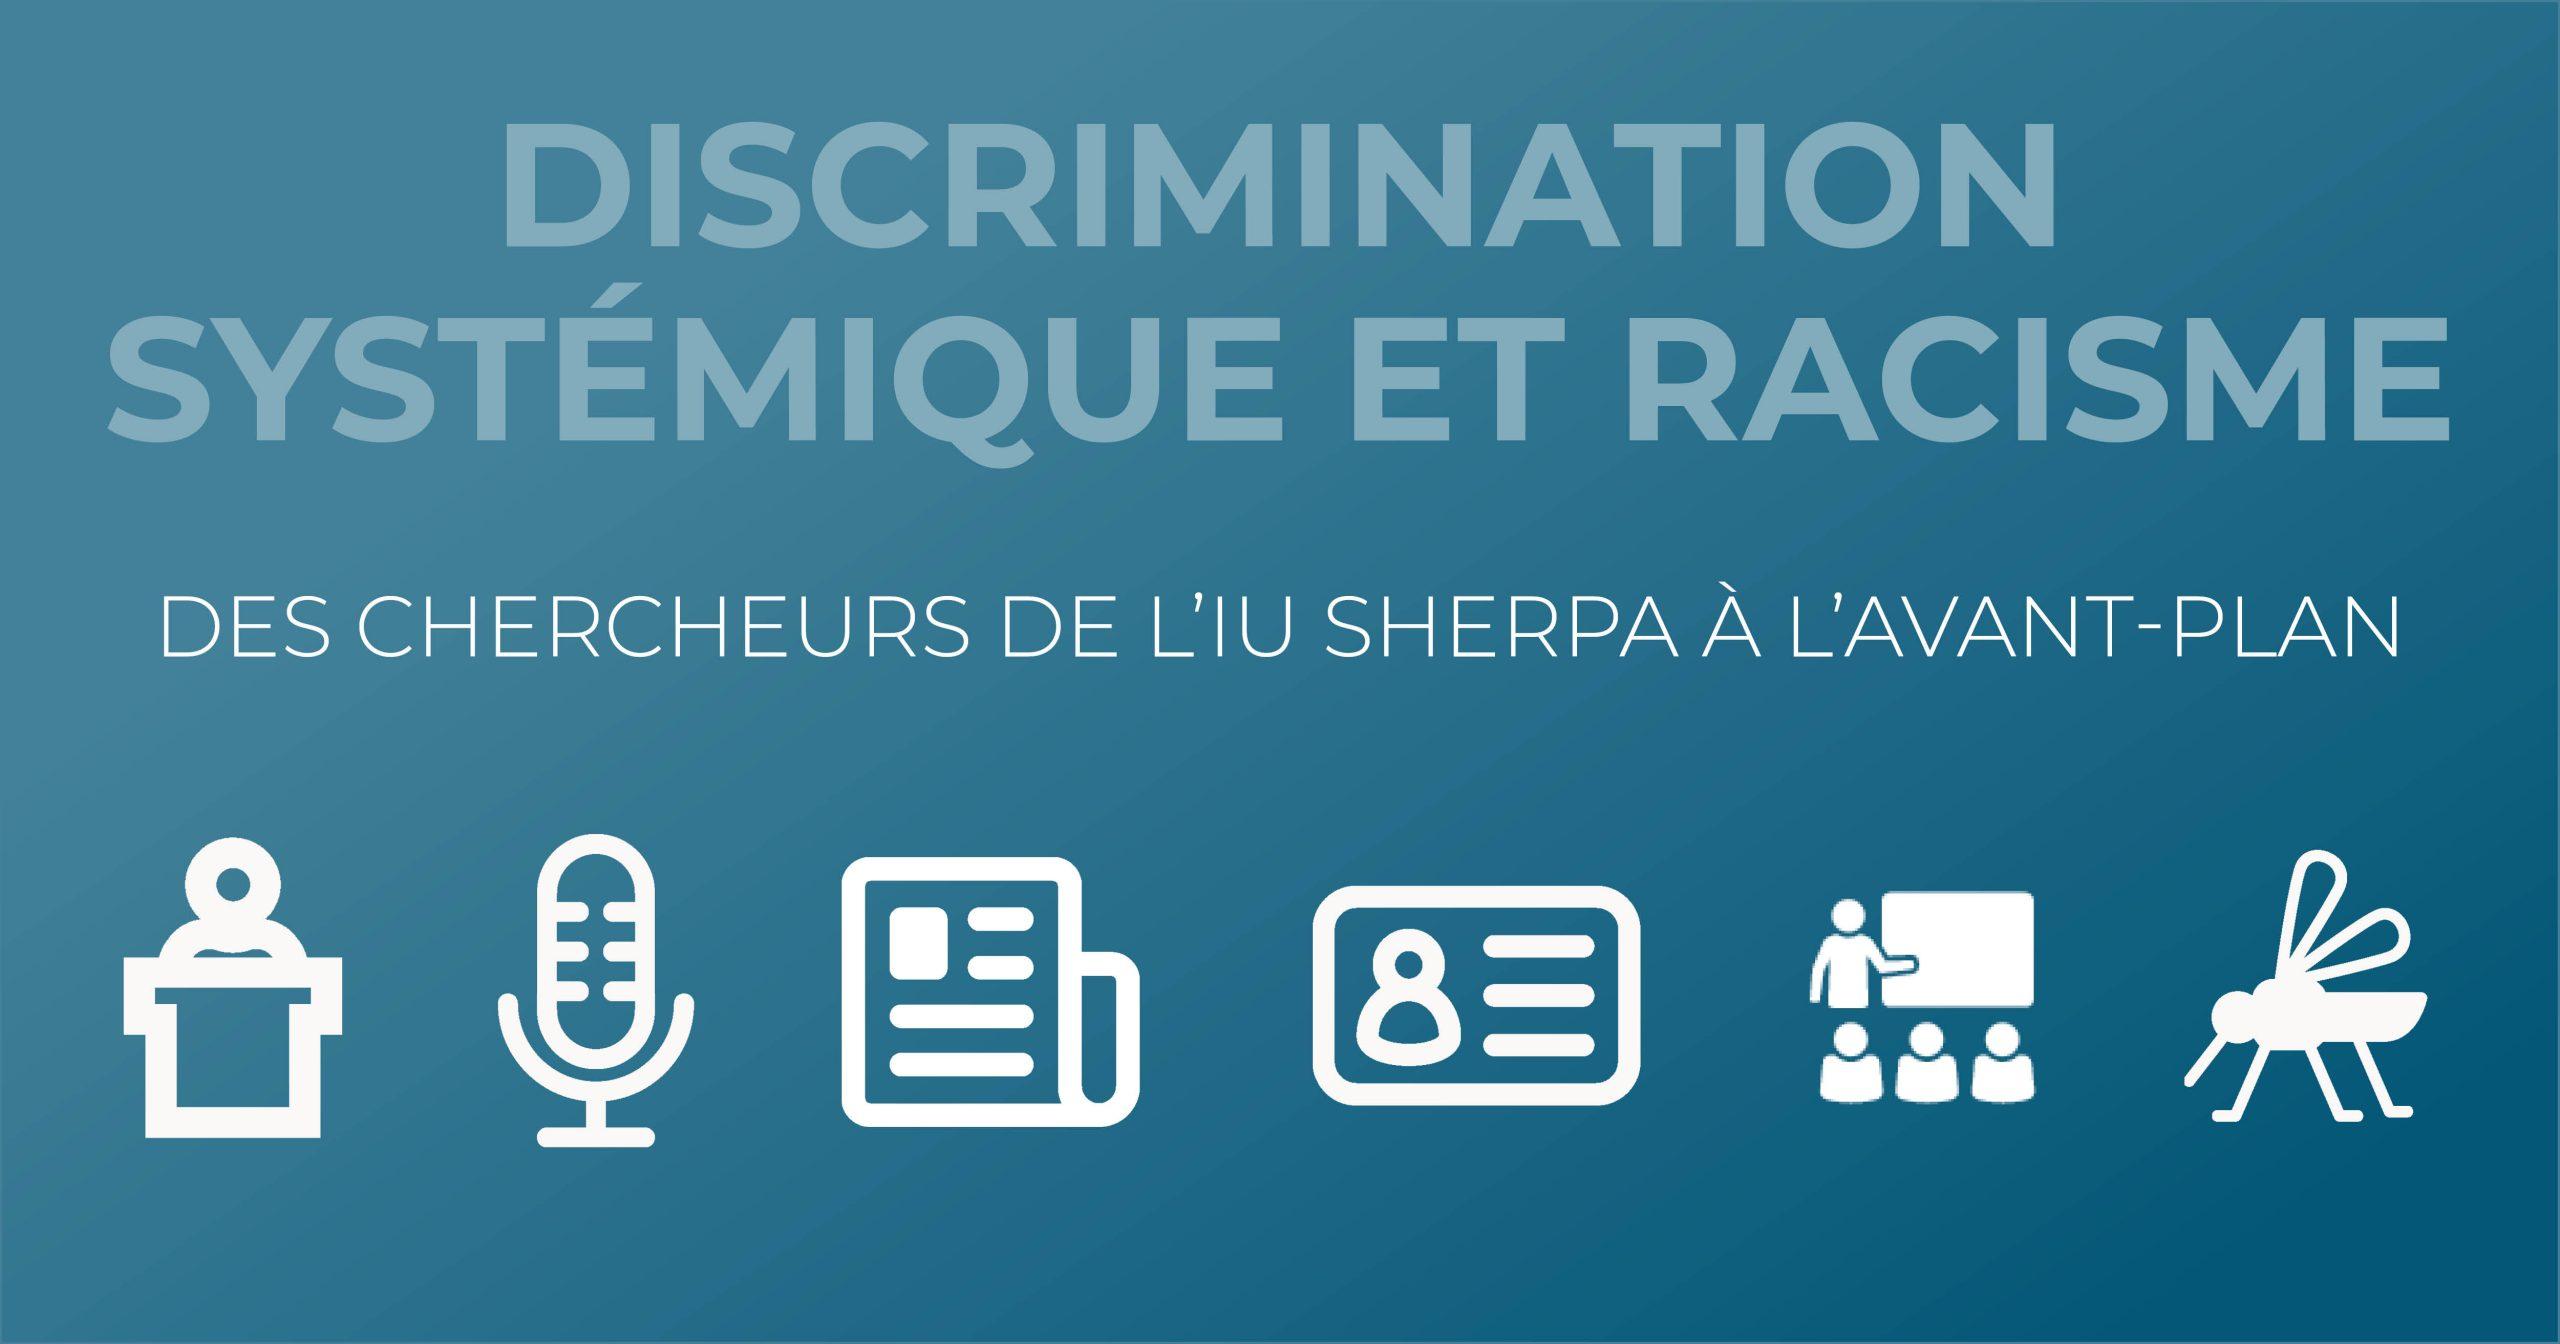 Discrimination systémique et racisme. Des chercheurs de l'IUY SHERPA à l'avant-plan